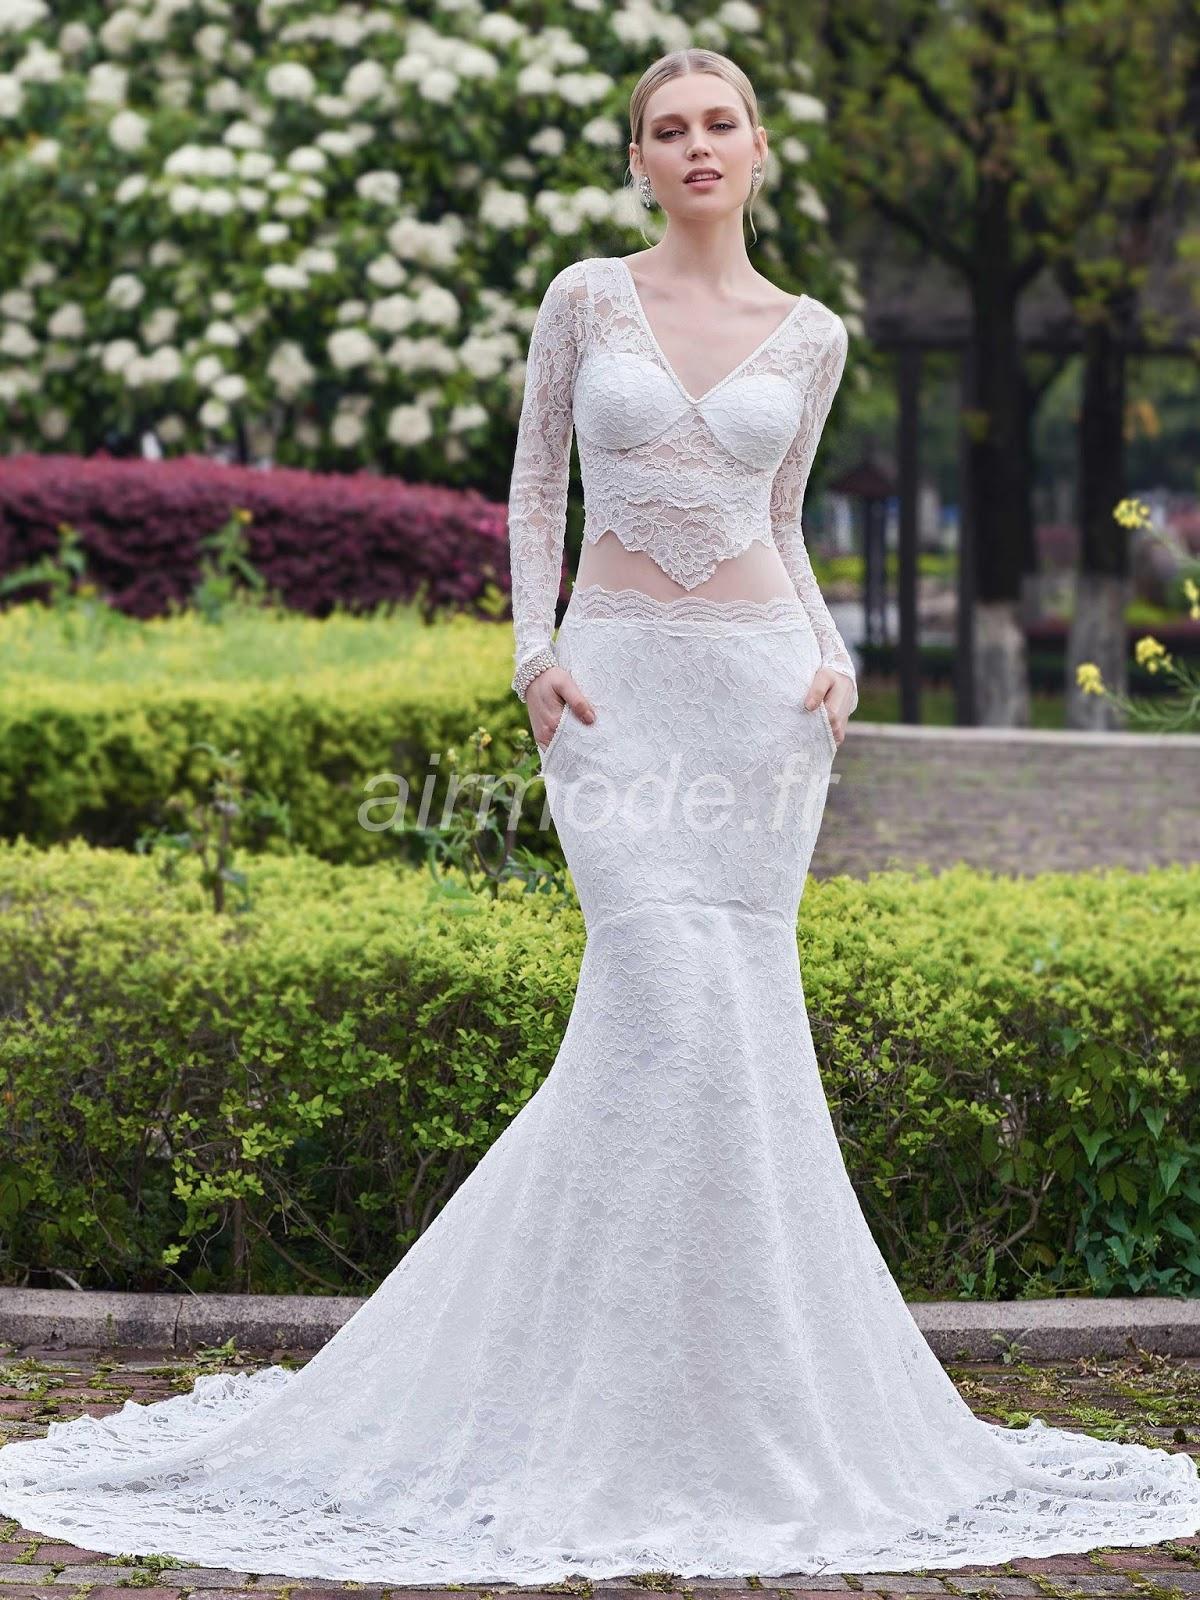 hollow printemps Été automne hiver chaud, sexy et la robe de mariée de sablier chapelle